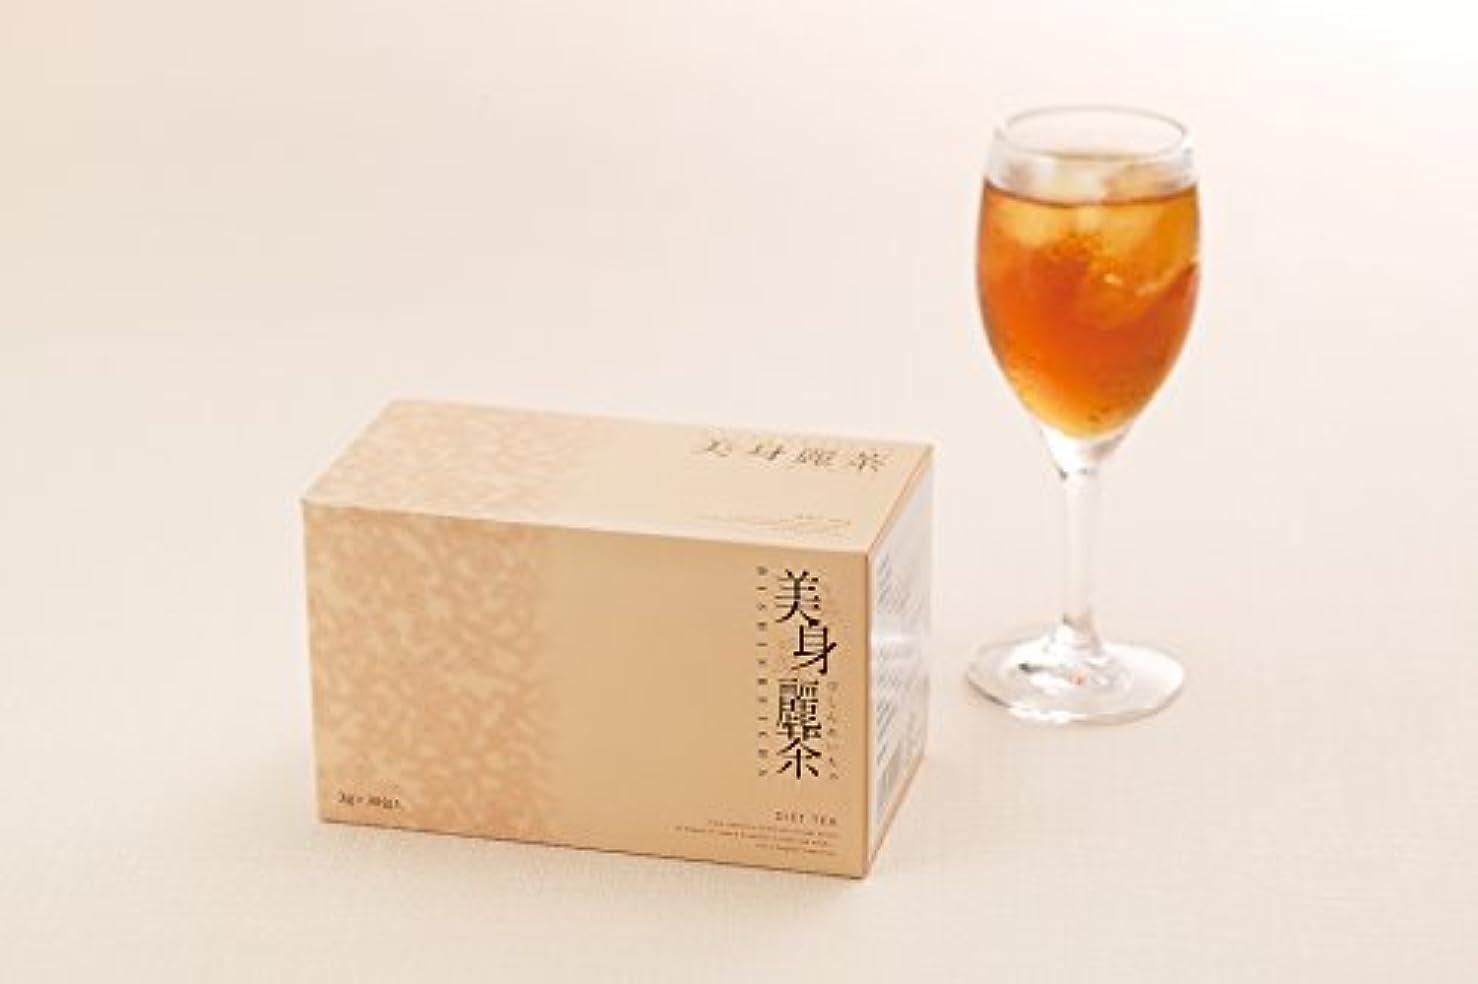 インレイエンジン売り手4個 美身麗茶 3g×30包 ダイエット お茶 ティー